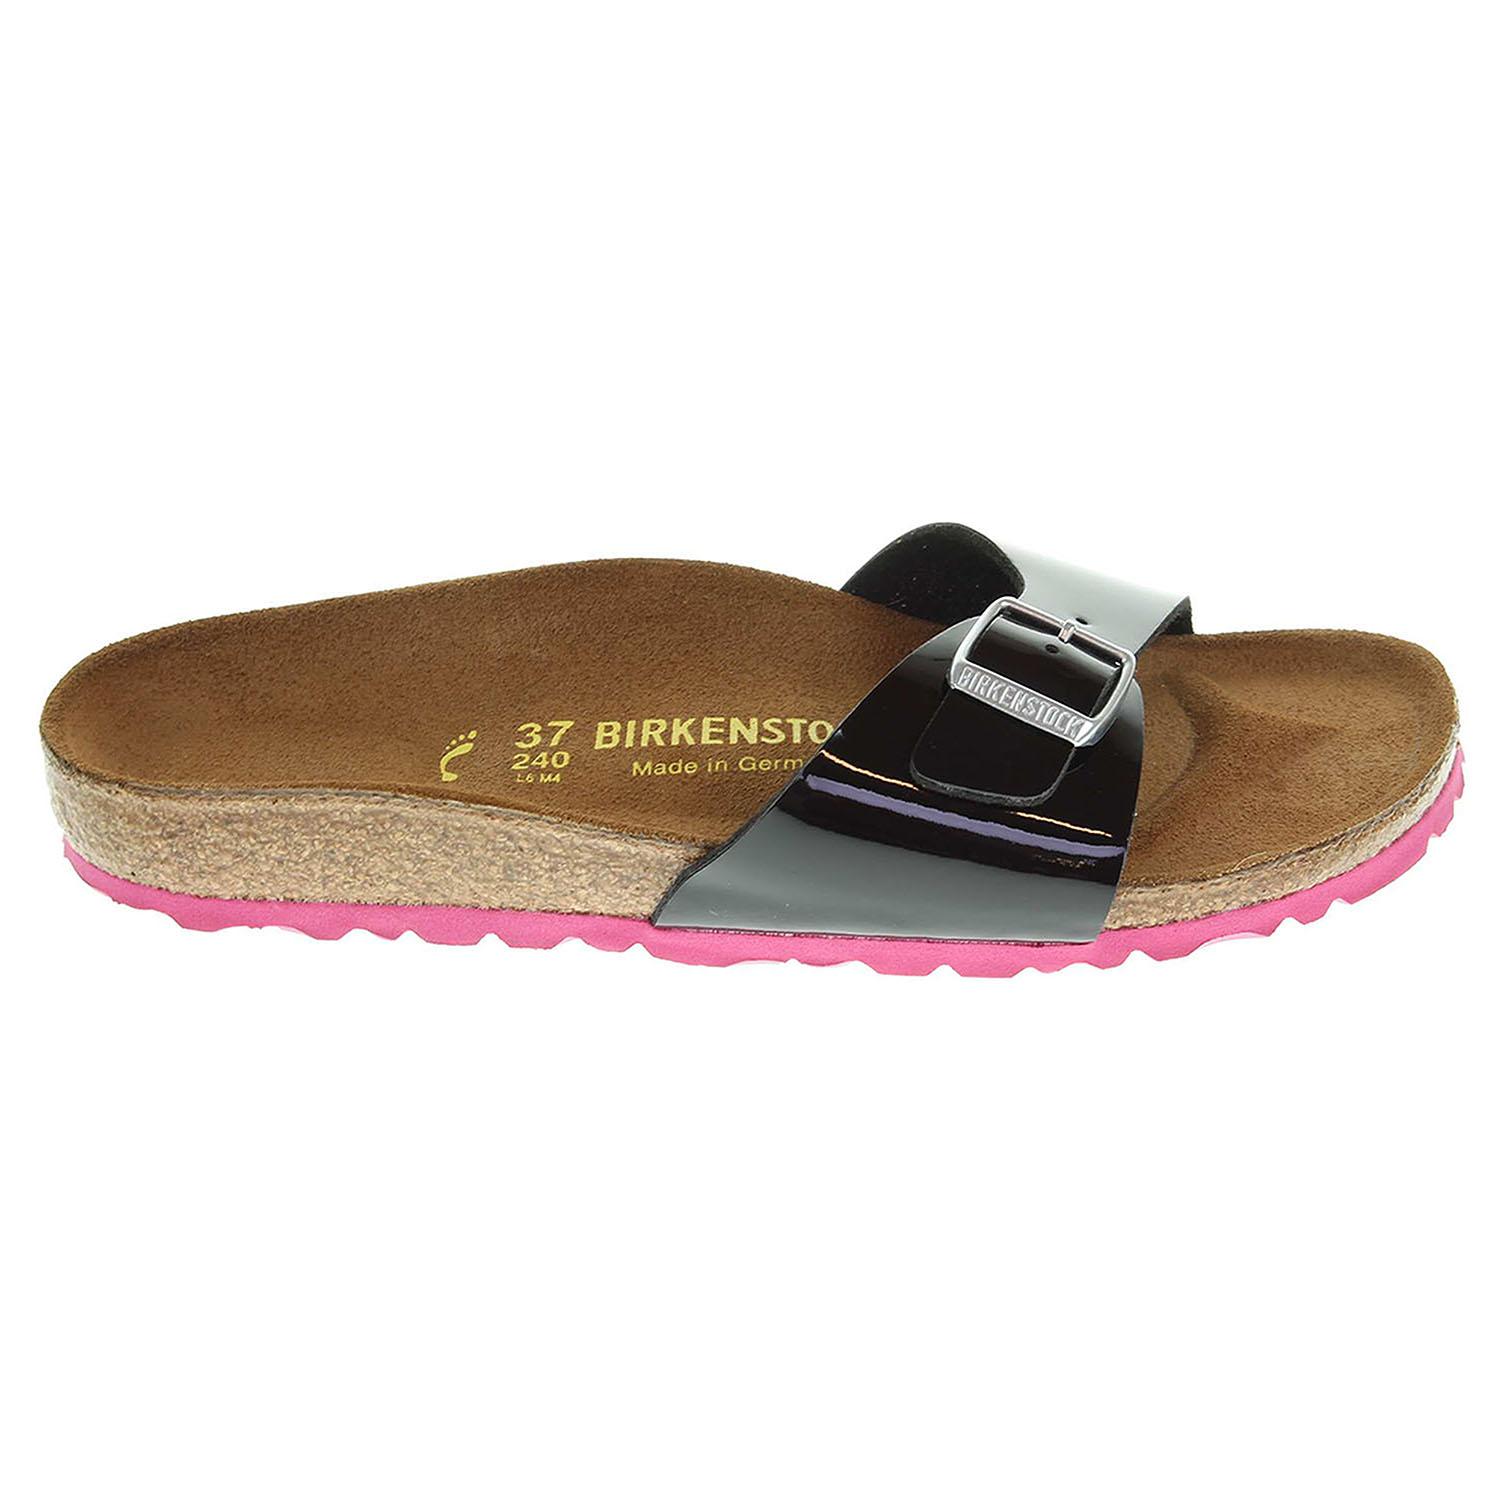 Birkenstock Madrid dámské pantofle 339243 černé 339243 37